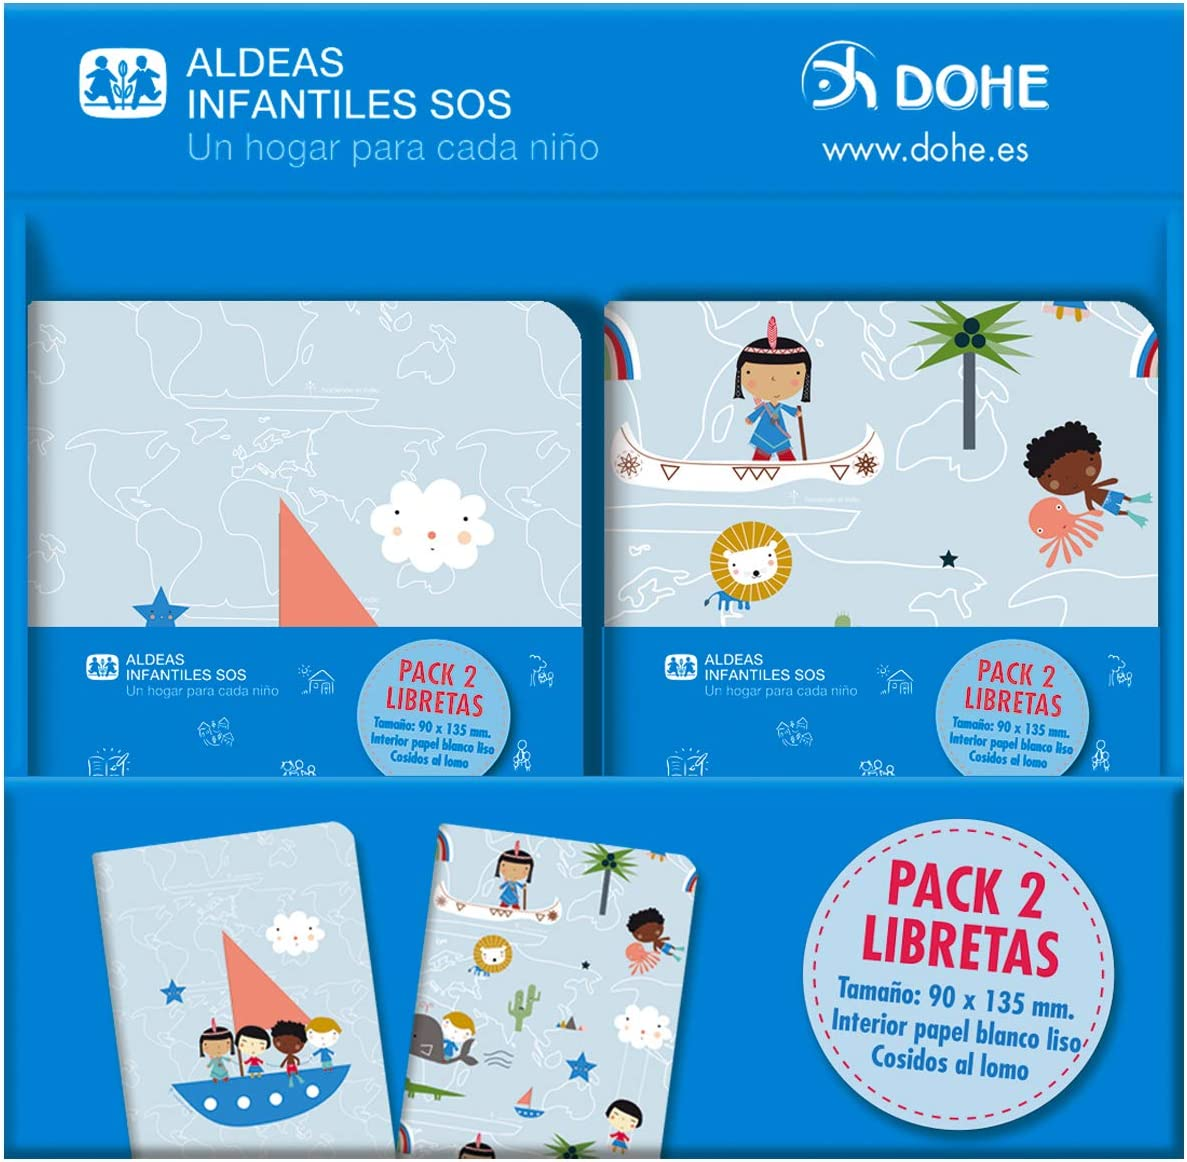 Expositor de libretas de Aldeas Infantiles SOS (16 packs de 2 libretas): Amazon.es: Oficina y papelería